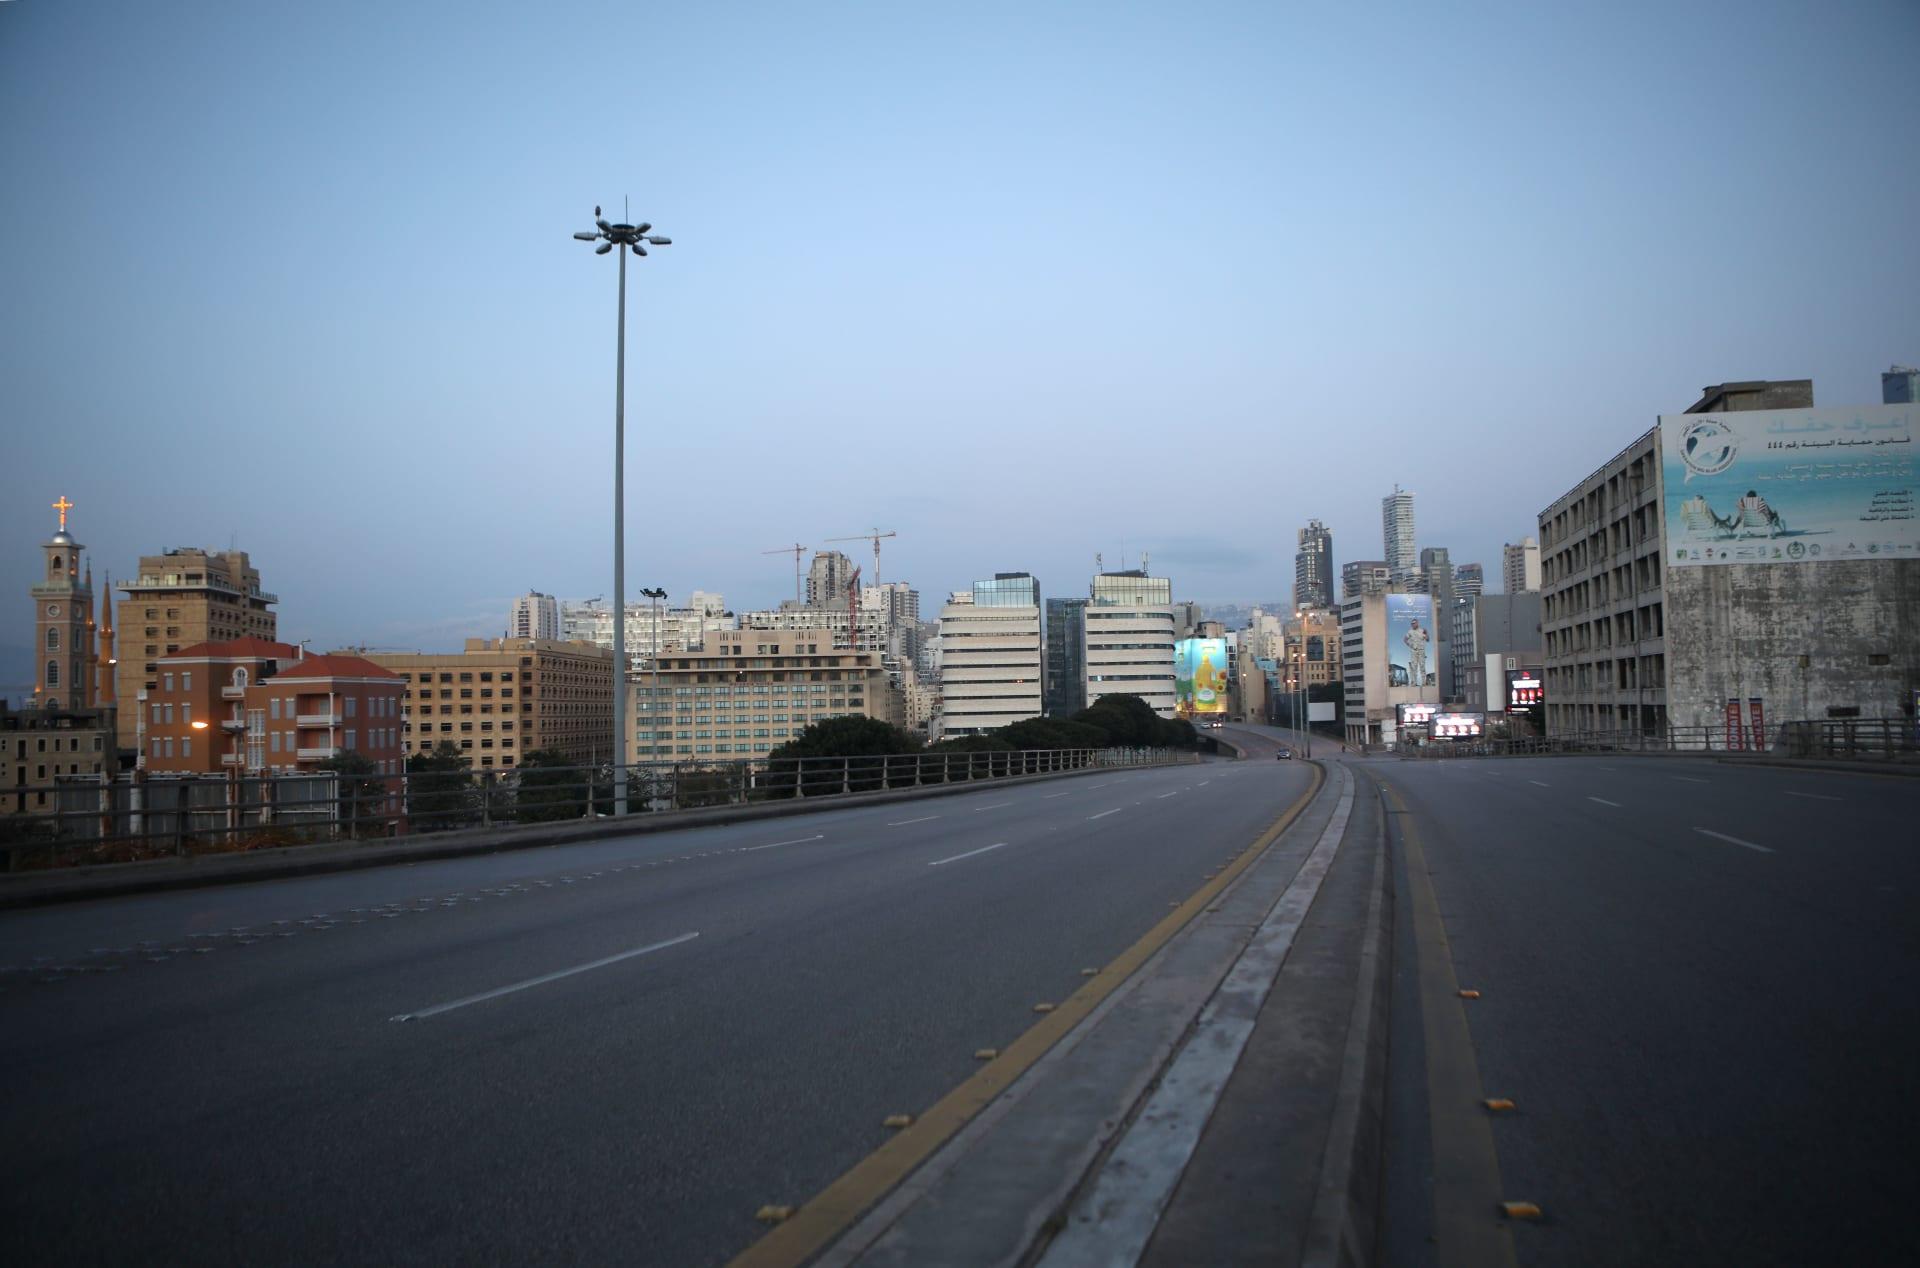 لبنان يفرض إغلاقًا عامًا لمدة أسبوعين بعد زيادة إصابات كورونا